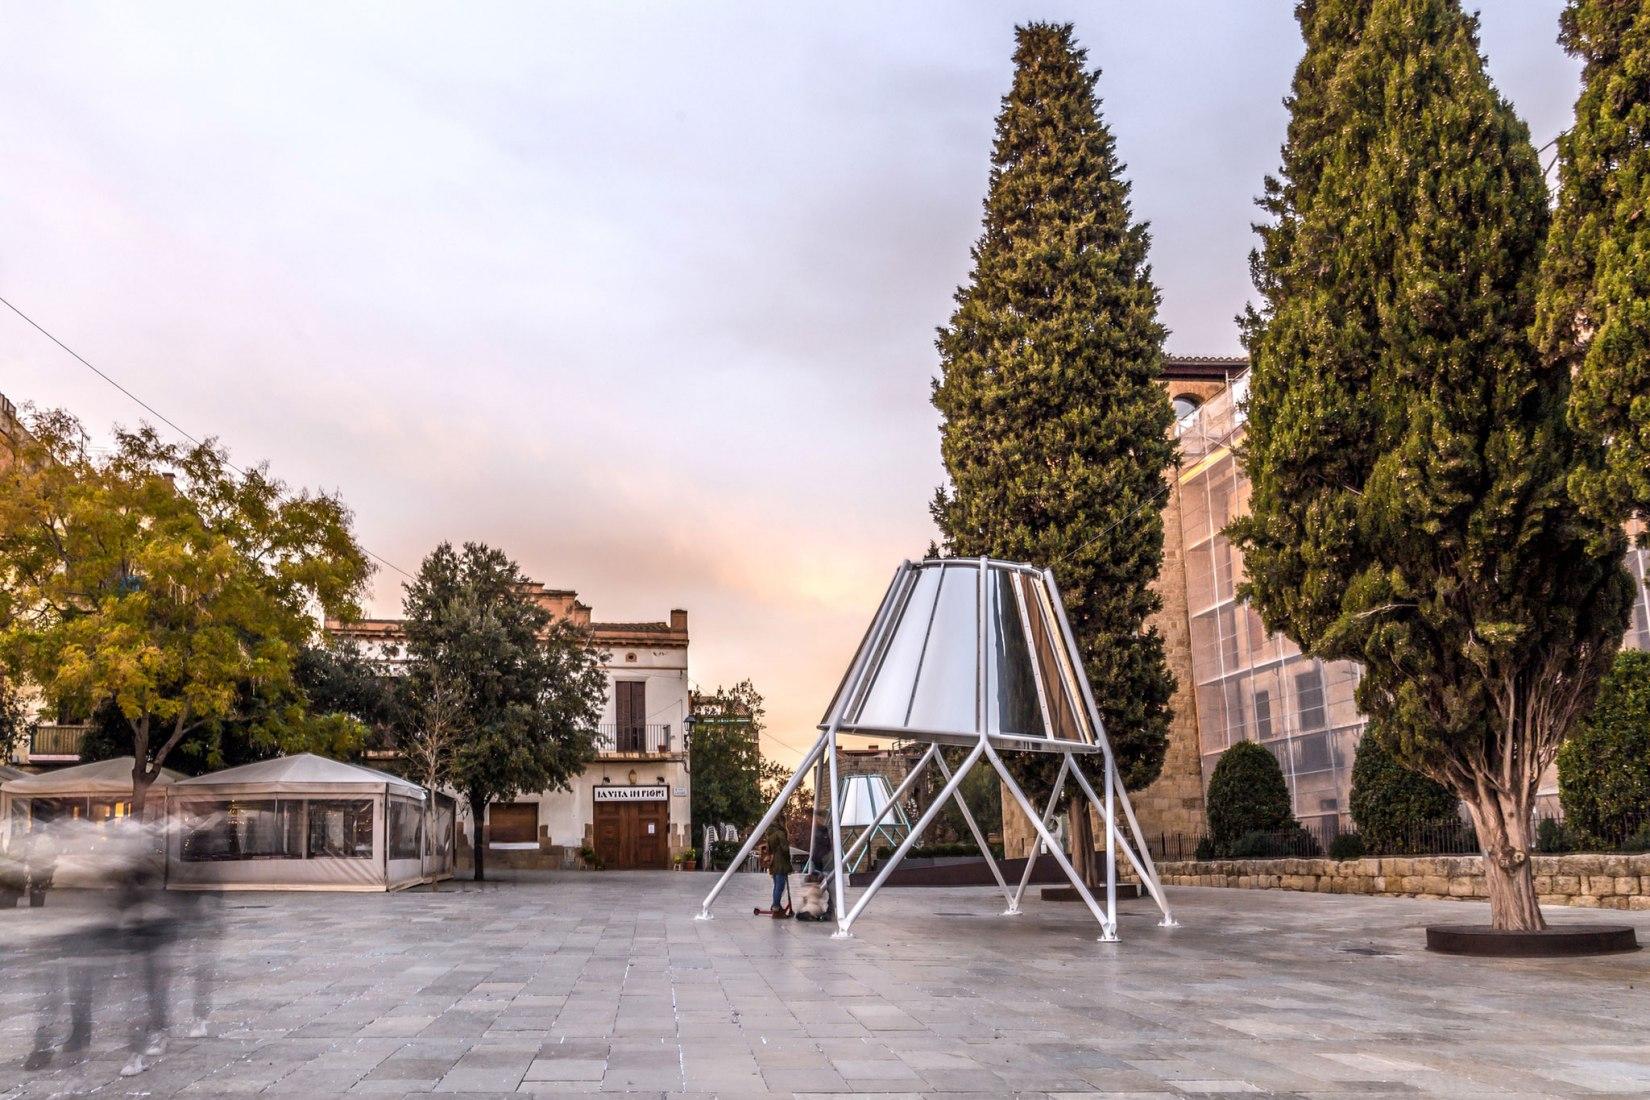 Vista campanas. Campanas 2017 por Sergio Sebastián. Fotografía © Irene Ruiz